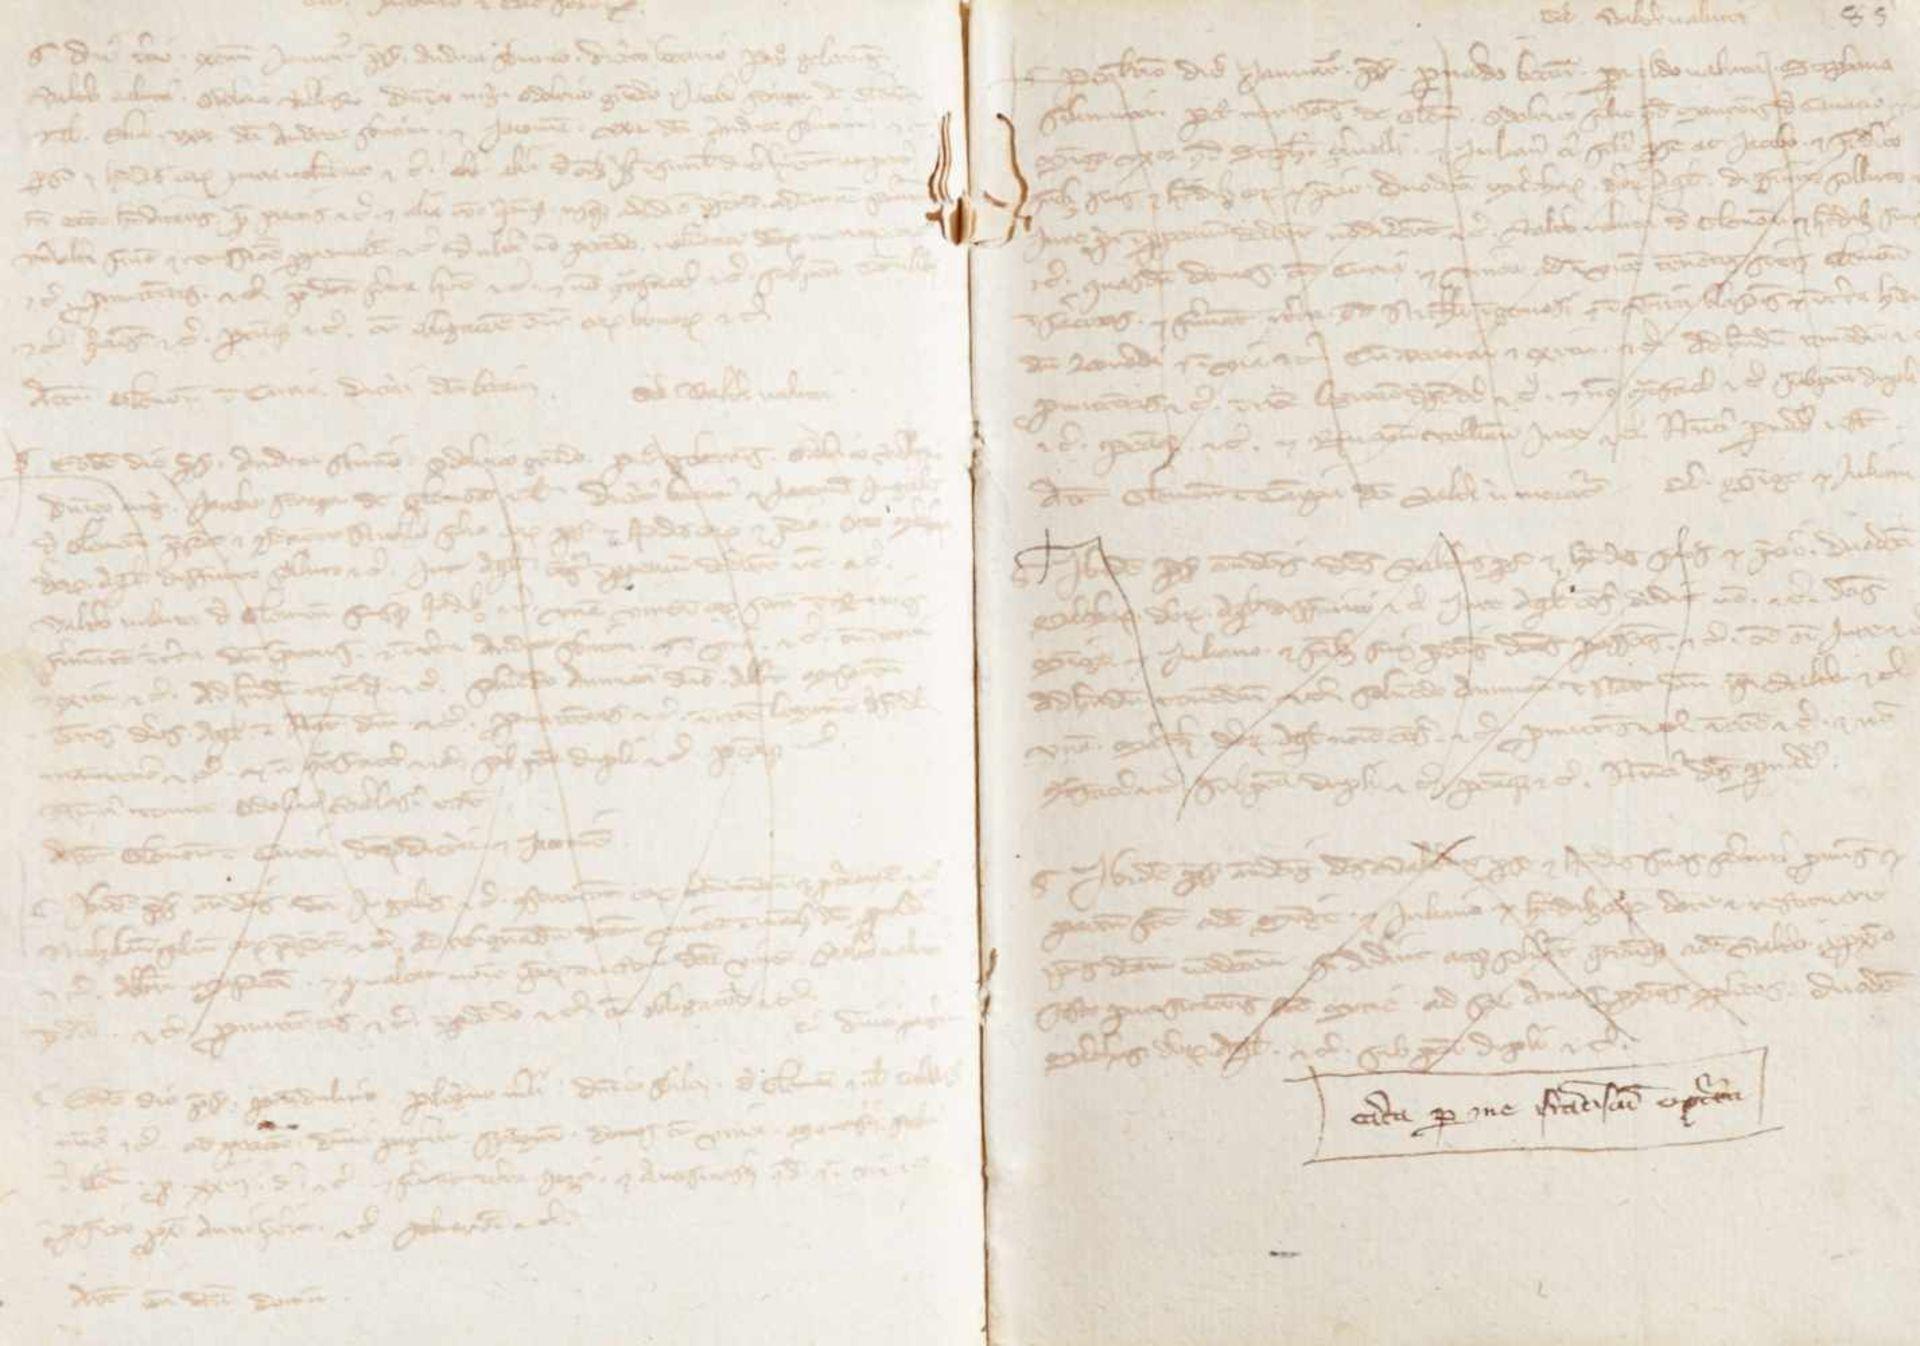 Gemona- Imbreviaturbuch des Notars Bartolomeo. Lateinische Handschrift auf Papier.Dat. Gemona ( - Bild 8 aus 9